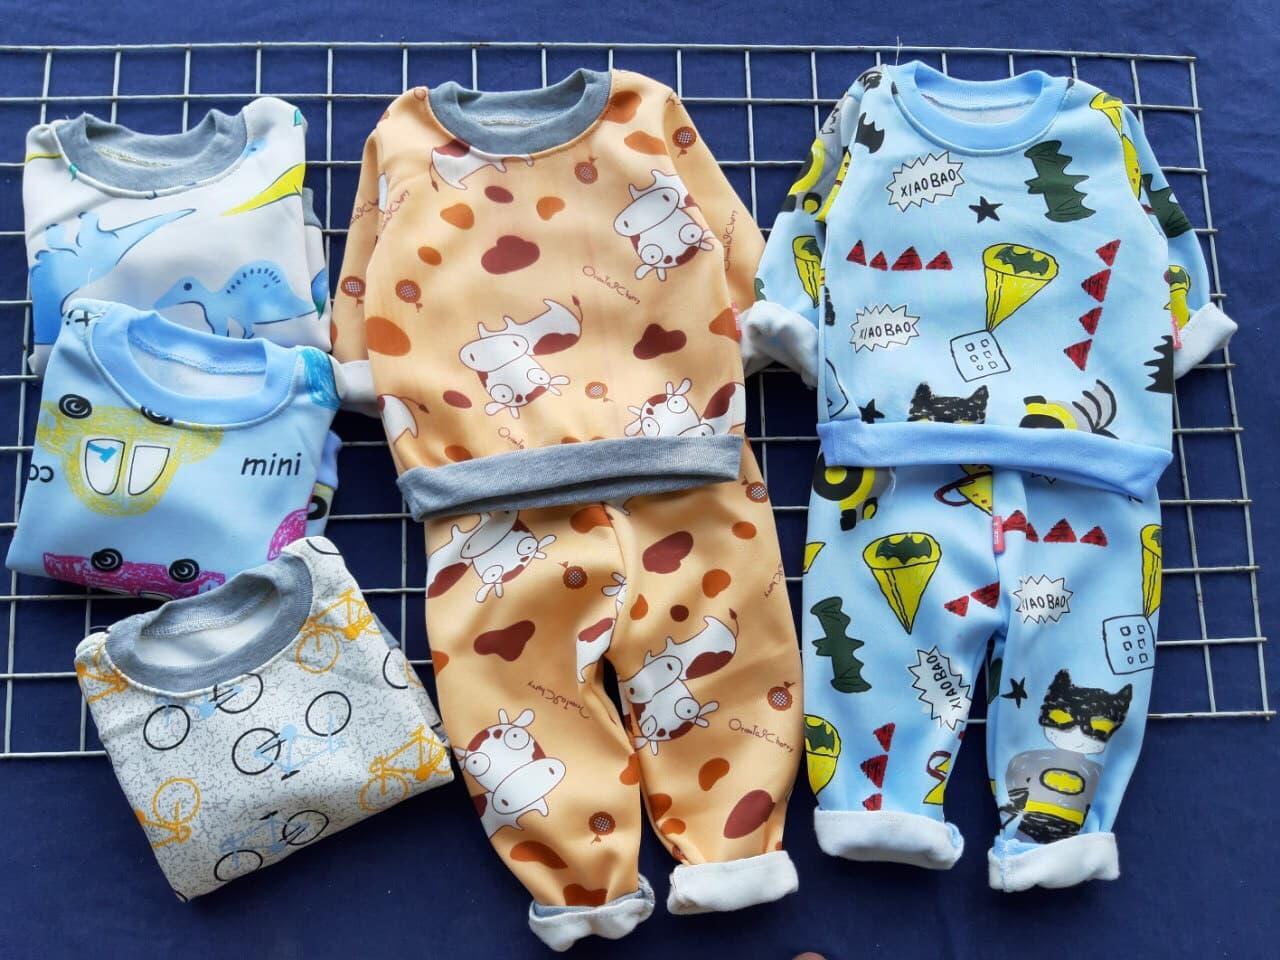 combo 5 bô ni bông tăng kem vong dâu tăm: Mua bán trực tuyến Bộ áo quần cho trẻ sơ sinh với giá rẻ | Lazada.vn